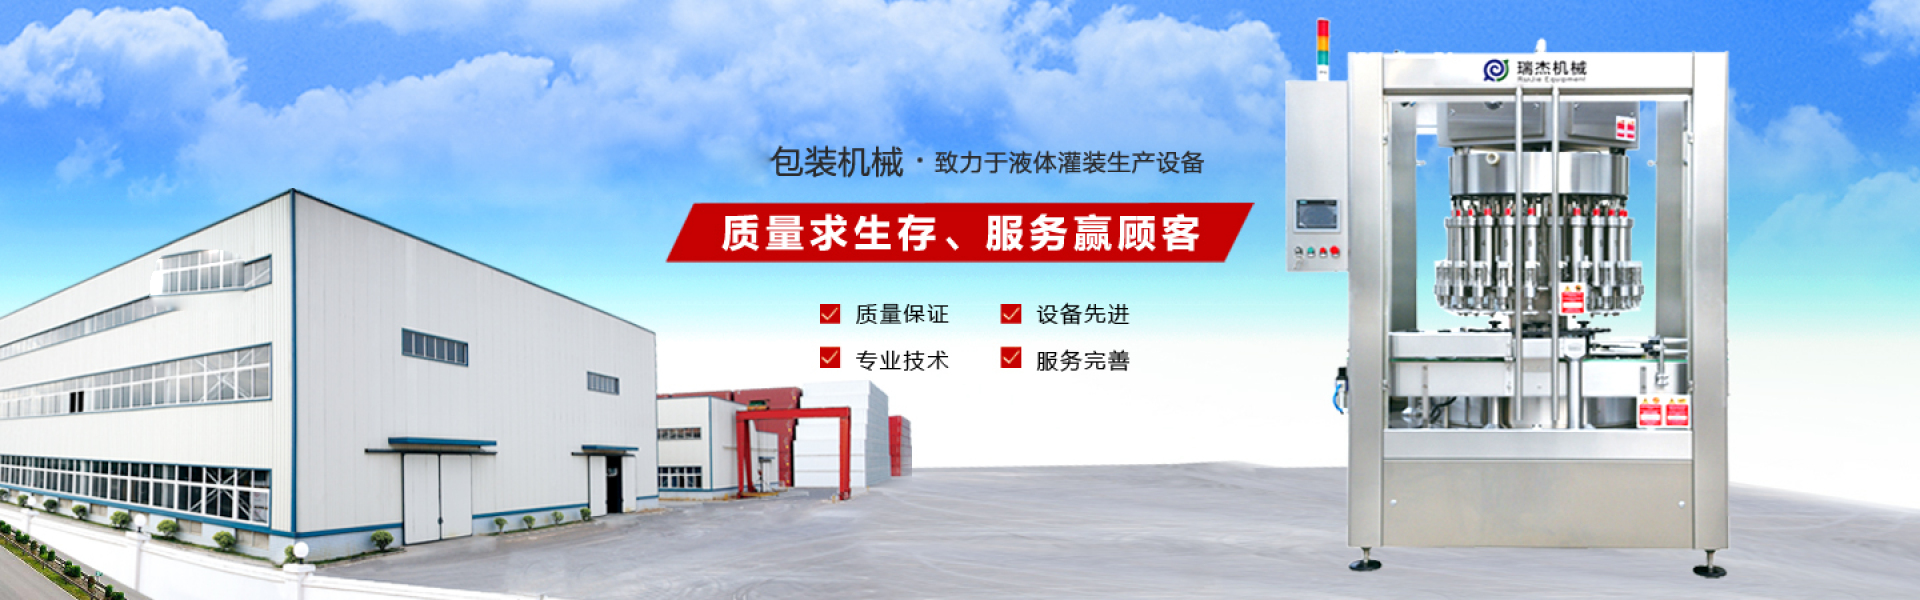 青州瑞杰包装机械有限公司产品